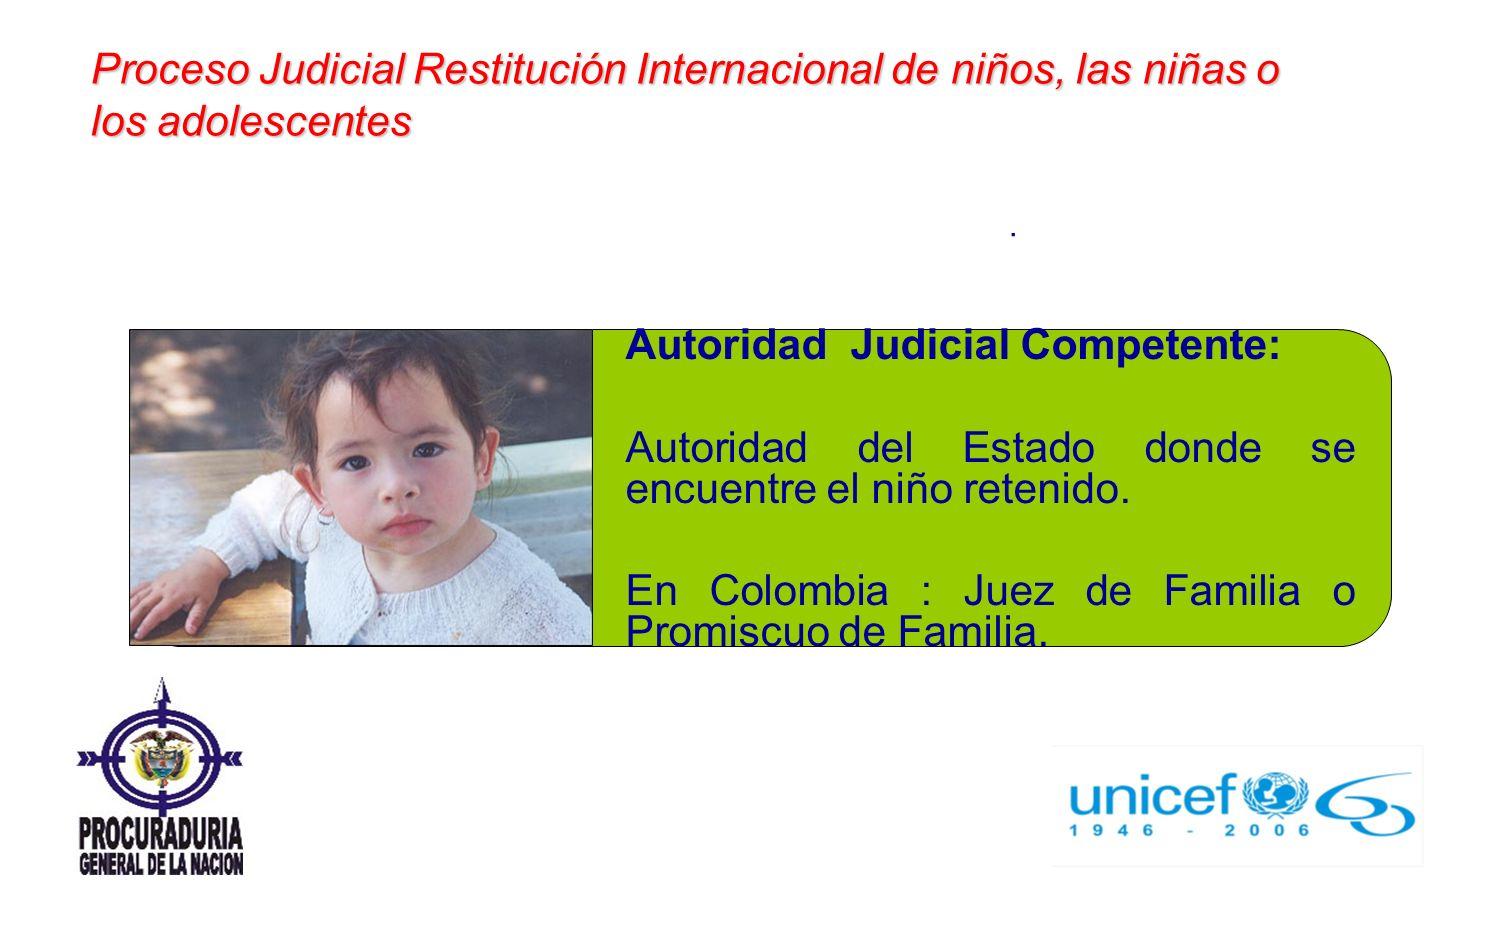 Autoridad Judicial Competente: